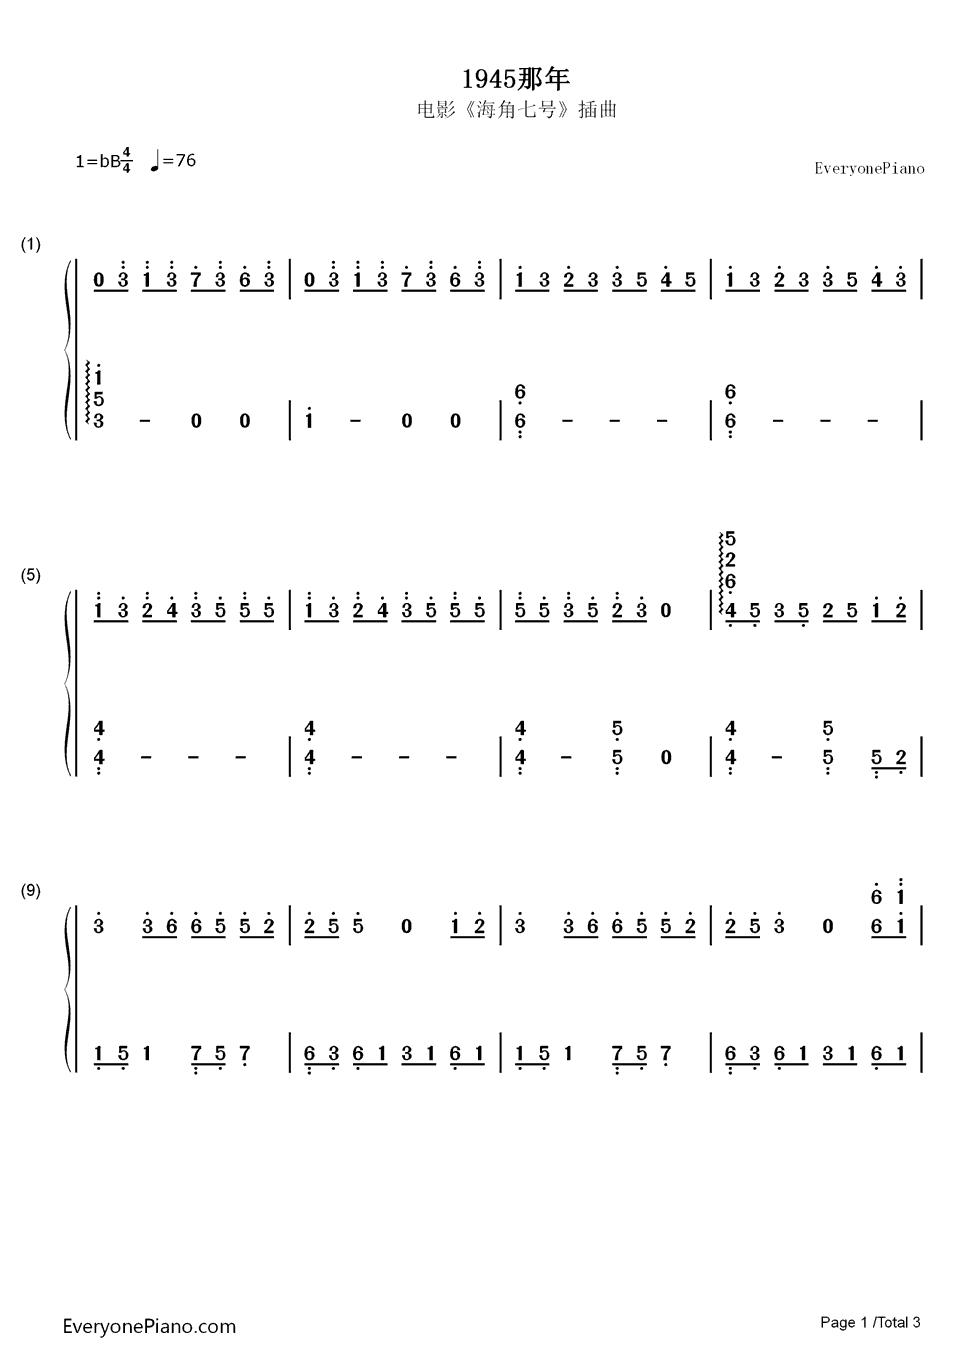 1945那年-电影海角七号插曲双手简谱预览1